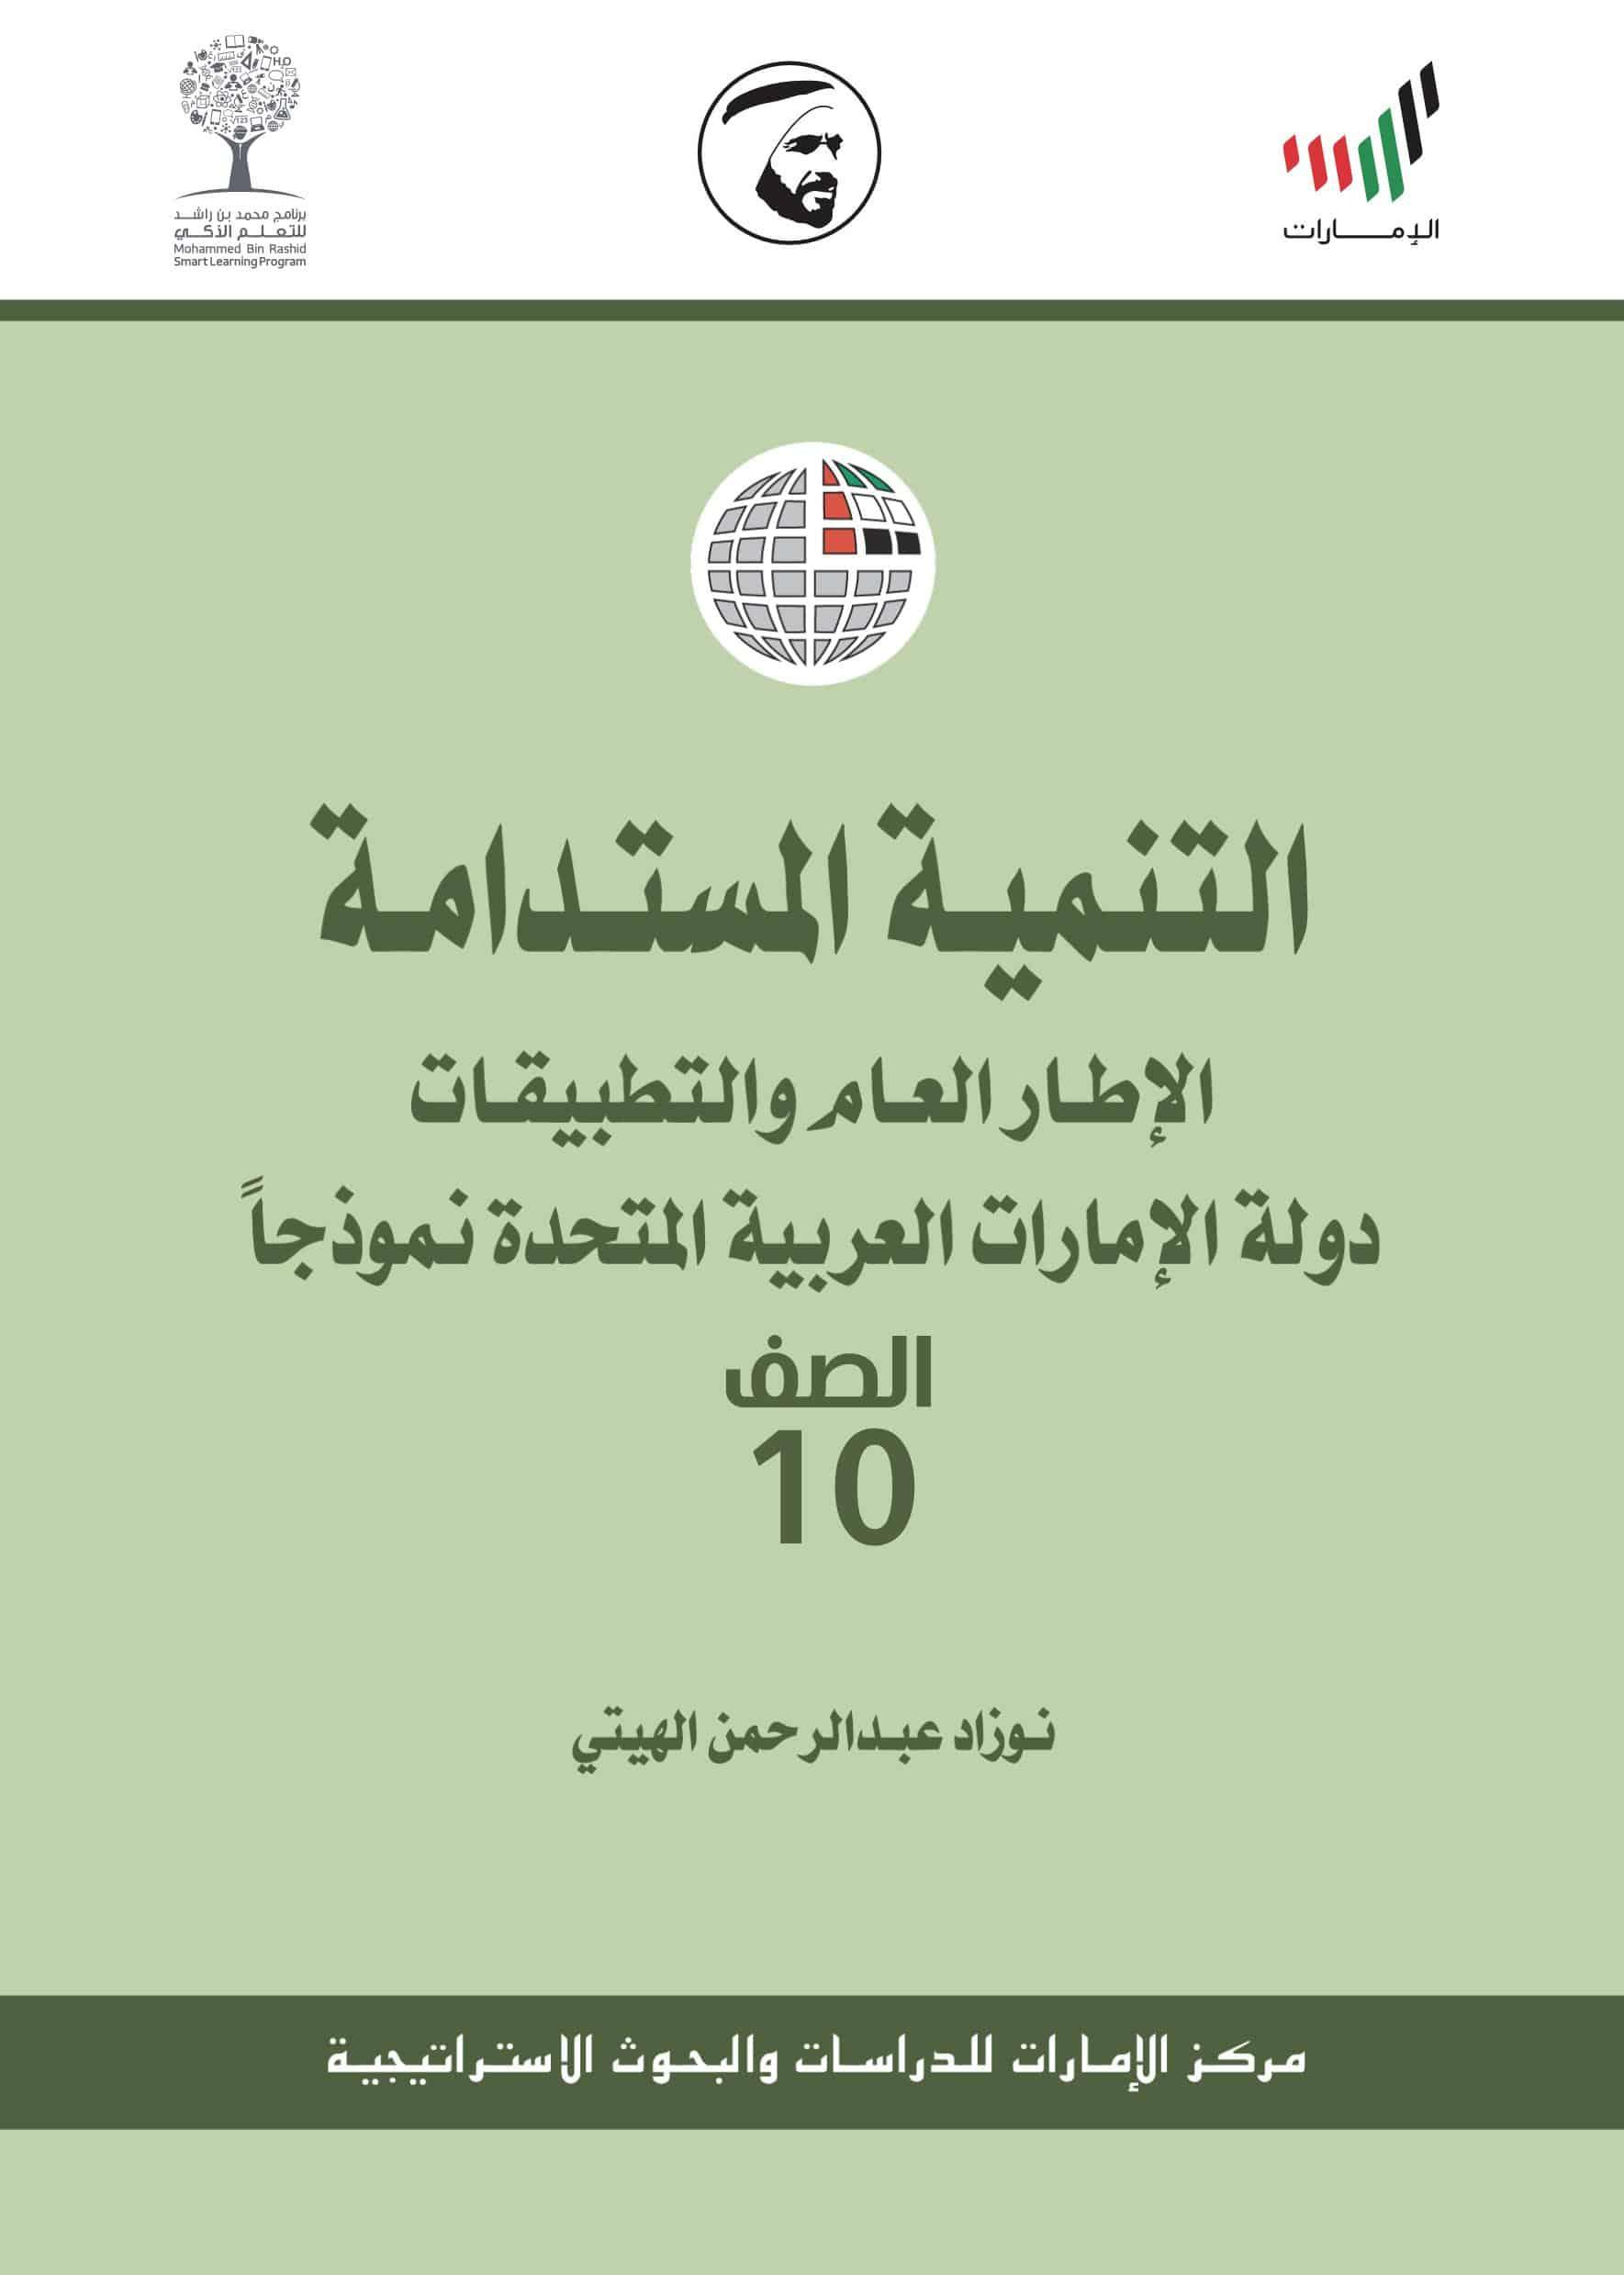 كتاب التنمية المستدامة 2020-2021 الصف العاشر مادة الدراسات الاجتماعية والتربية الوطنية